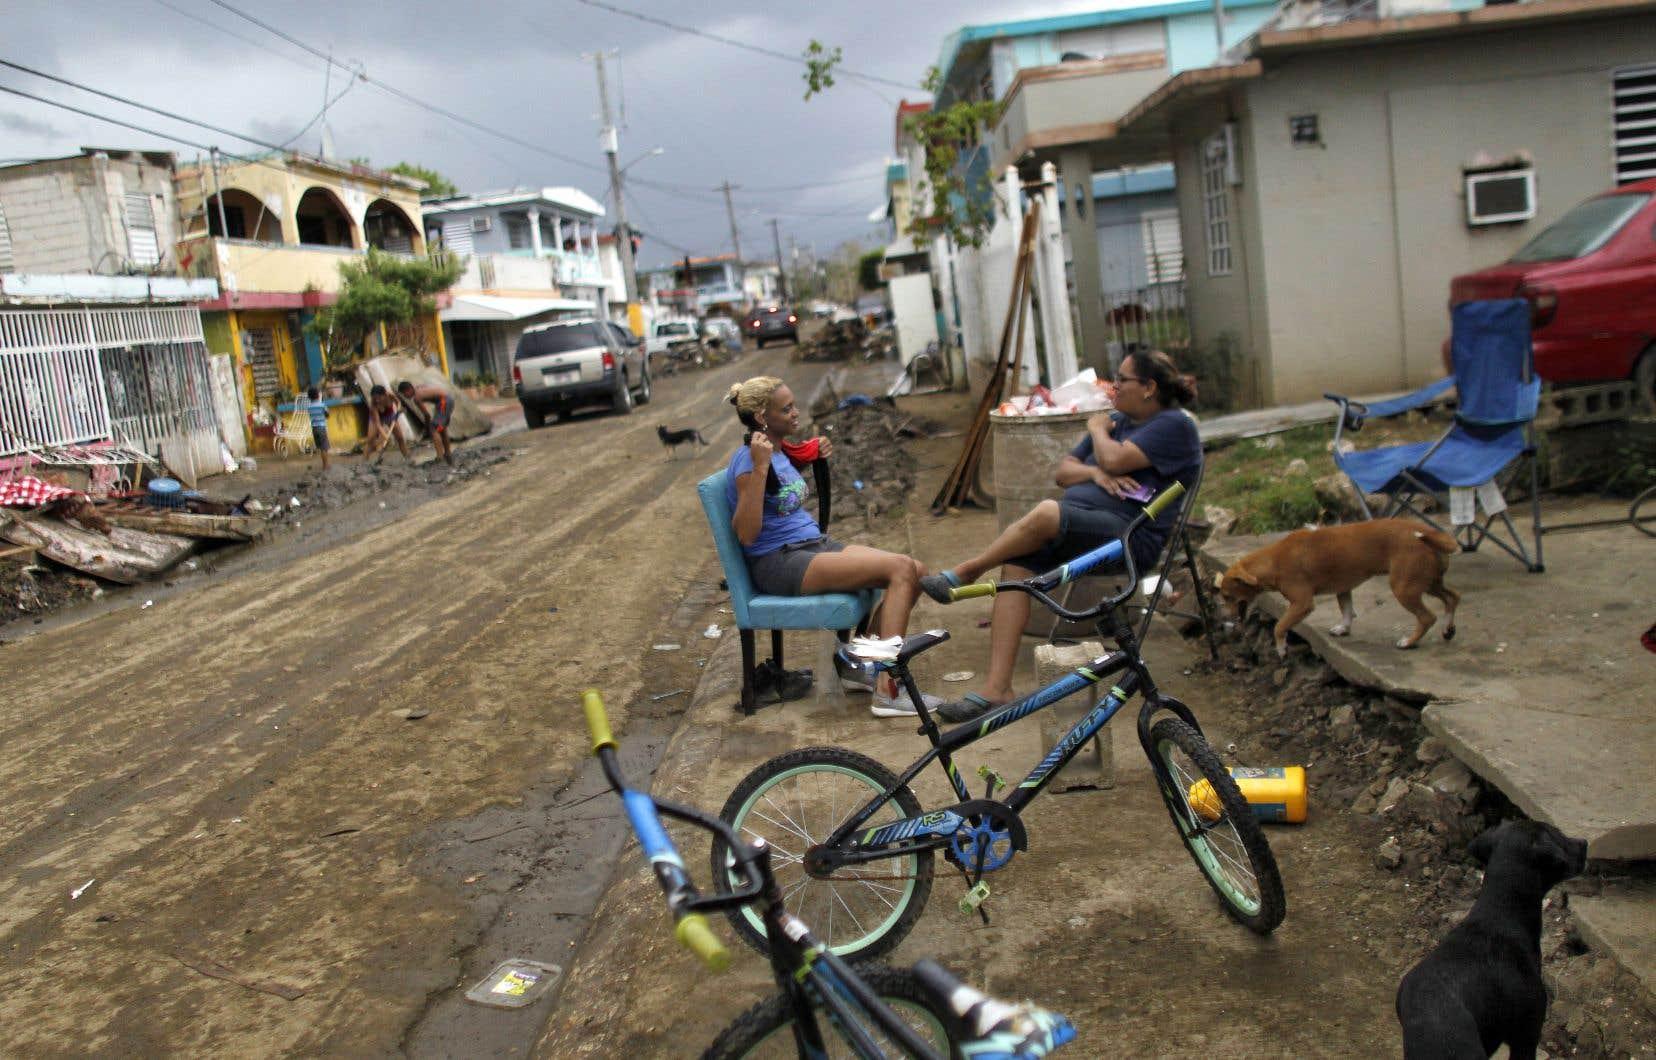 L'ouragan «Maria» générait des vents de 248km/heure quand il a touché terre près de Yabucoa, dans le sud-est du pays.